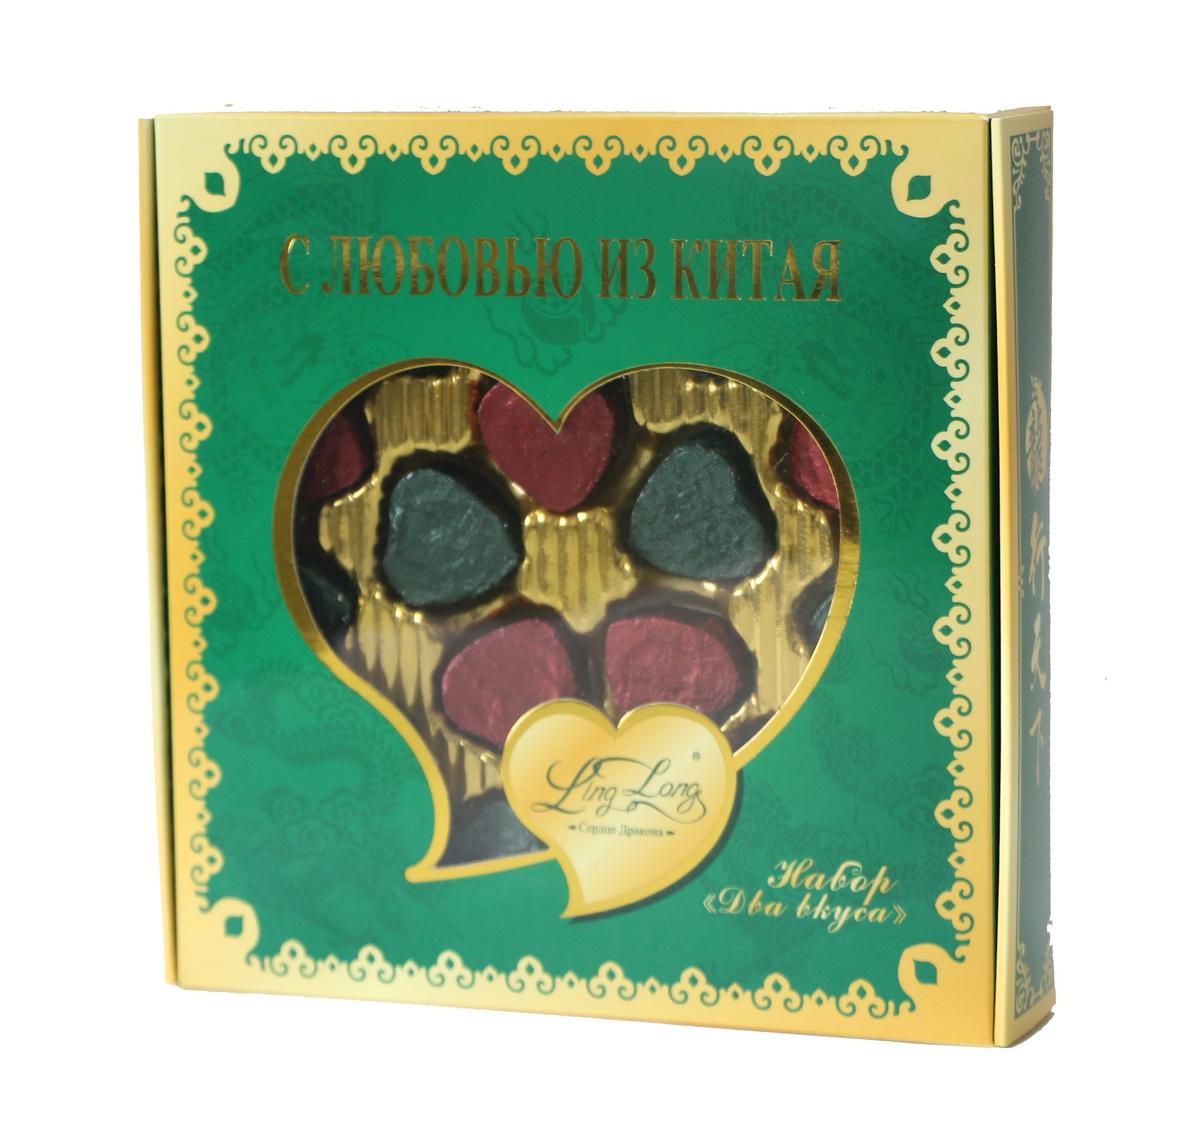 Ling Long Подарочный набор листового чая, 2 вкуса, 80 гLL402Подарочный набор Ling Long Два вкуса станет отличным подарком друзьям или близким.В состав набора входят 2 вида чая:Изумрудное сердце дракона (чай зеленый байховый китайский крупнолистовой)Золотое сердце дракона (чай черный Пуэр байховый китайский крупнолистовой).